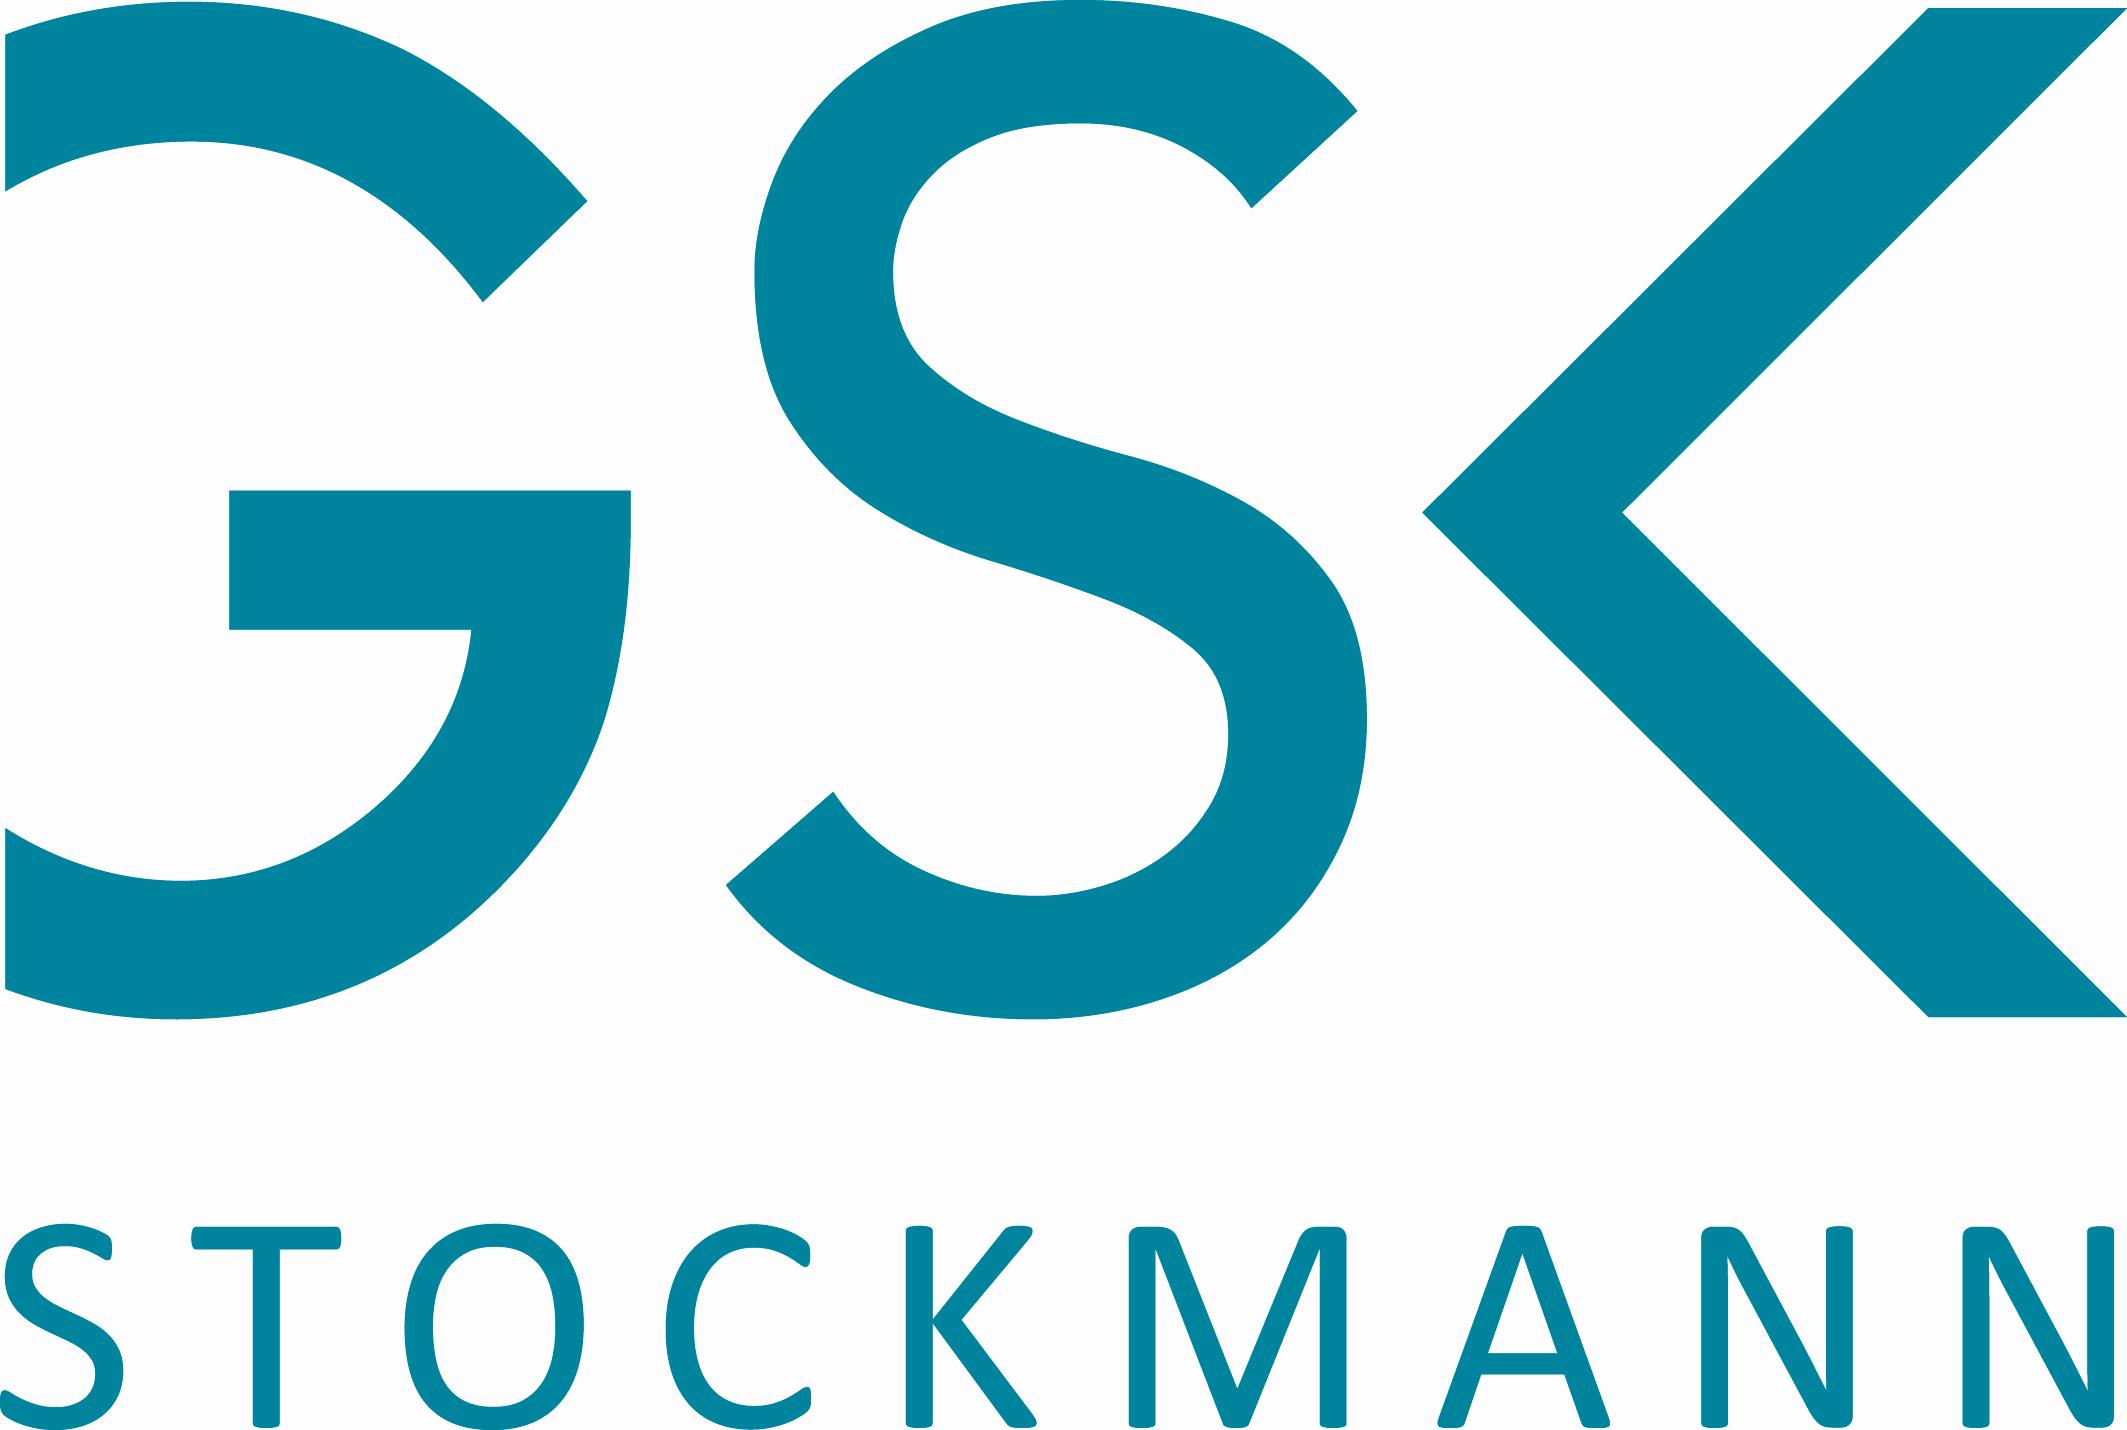 GSK Stockmann Rechtsanwälte Steuerberater Partnerschaftsgesellschaft mbB